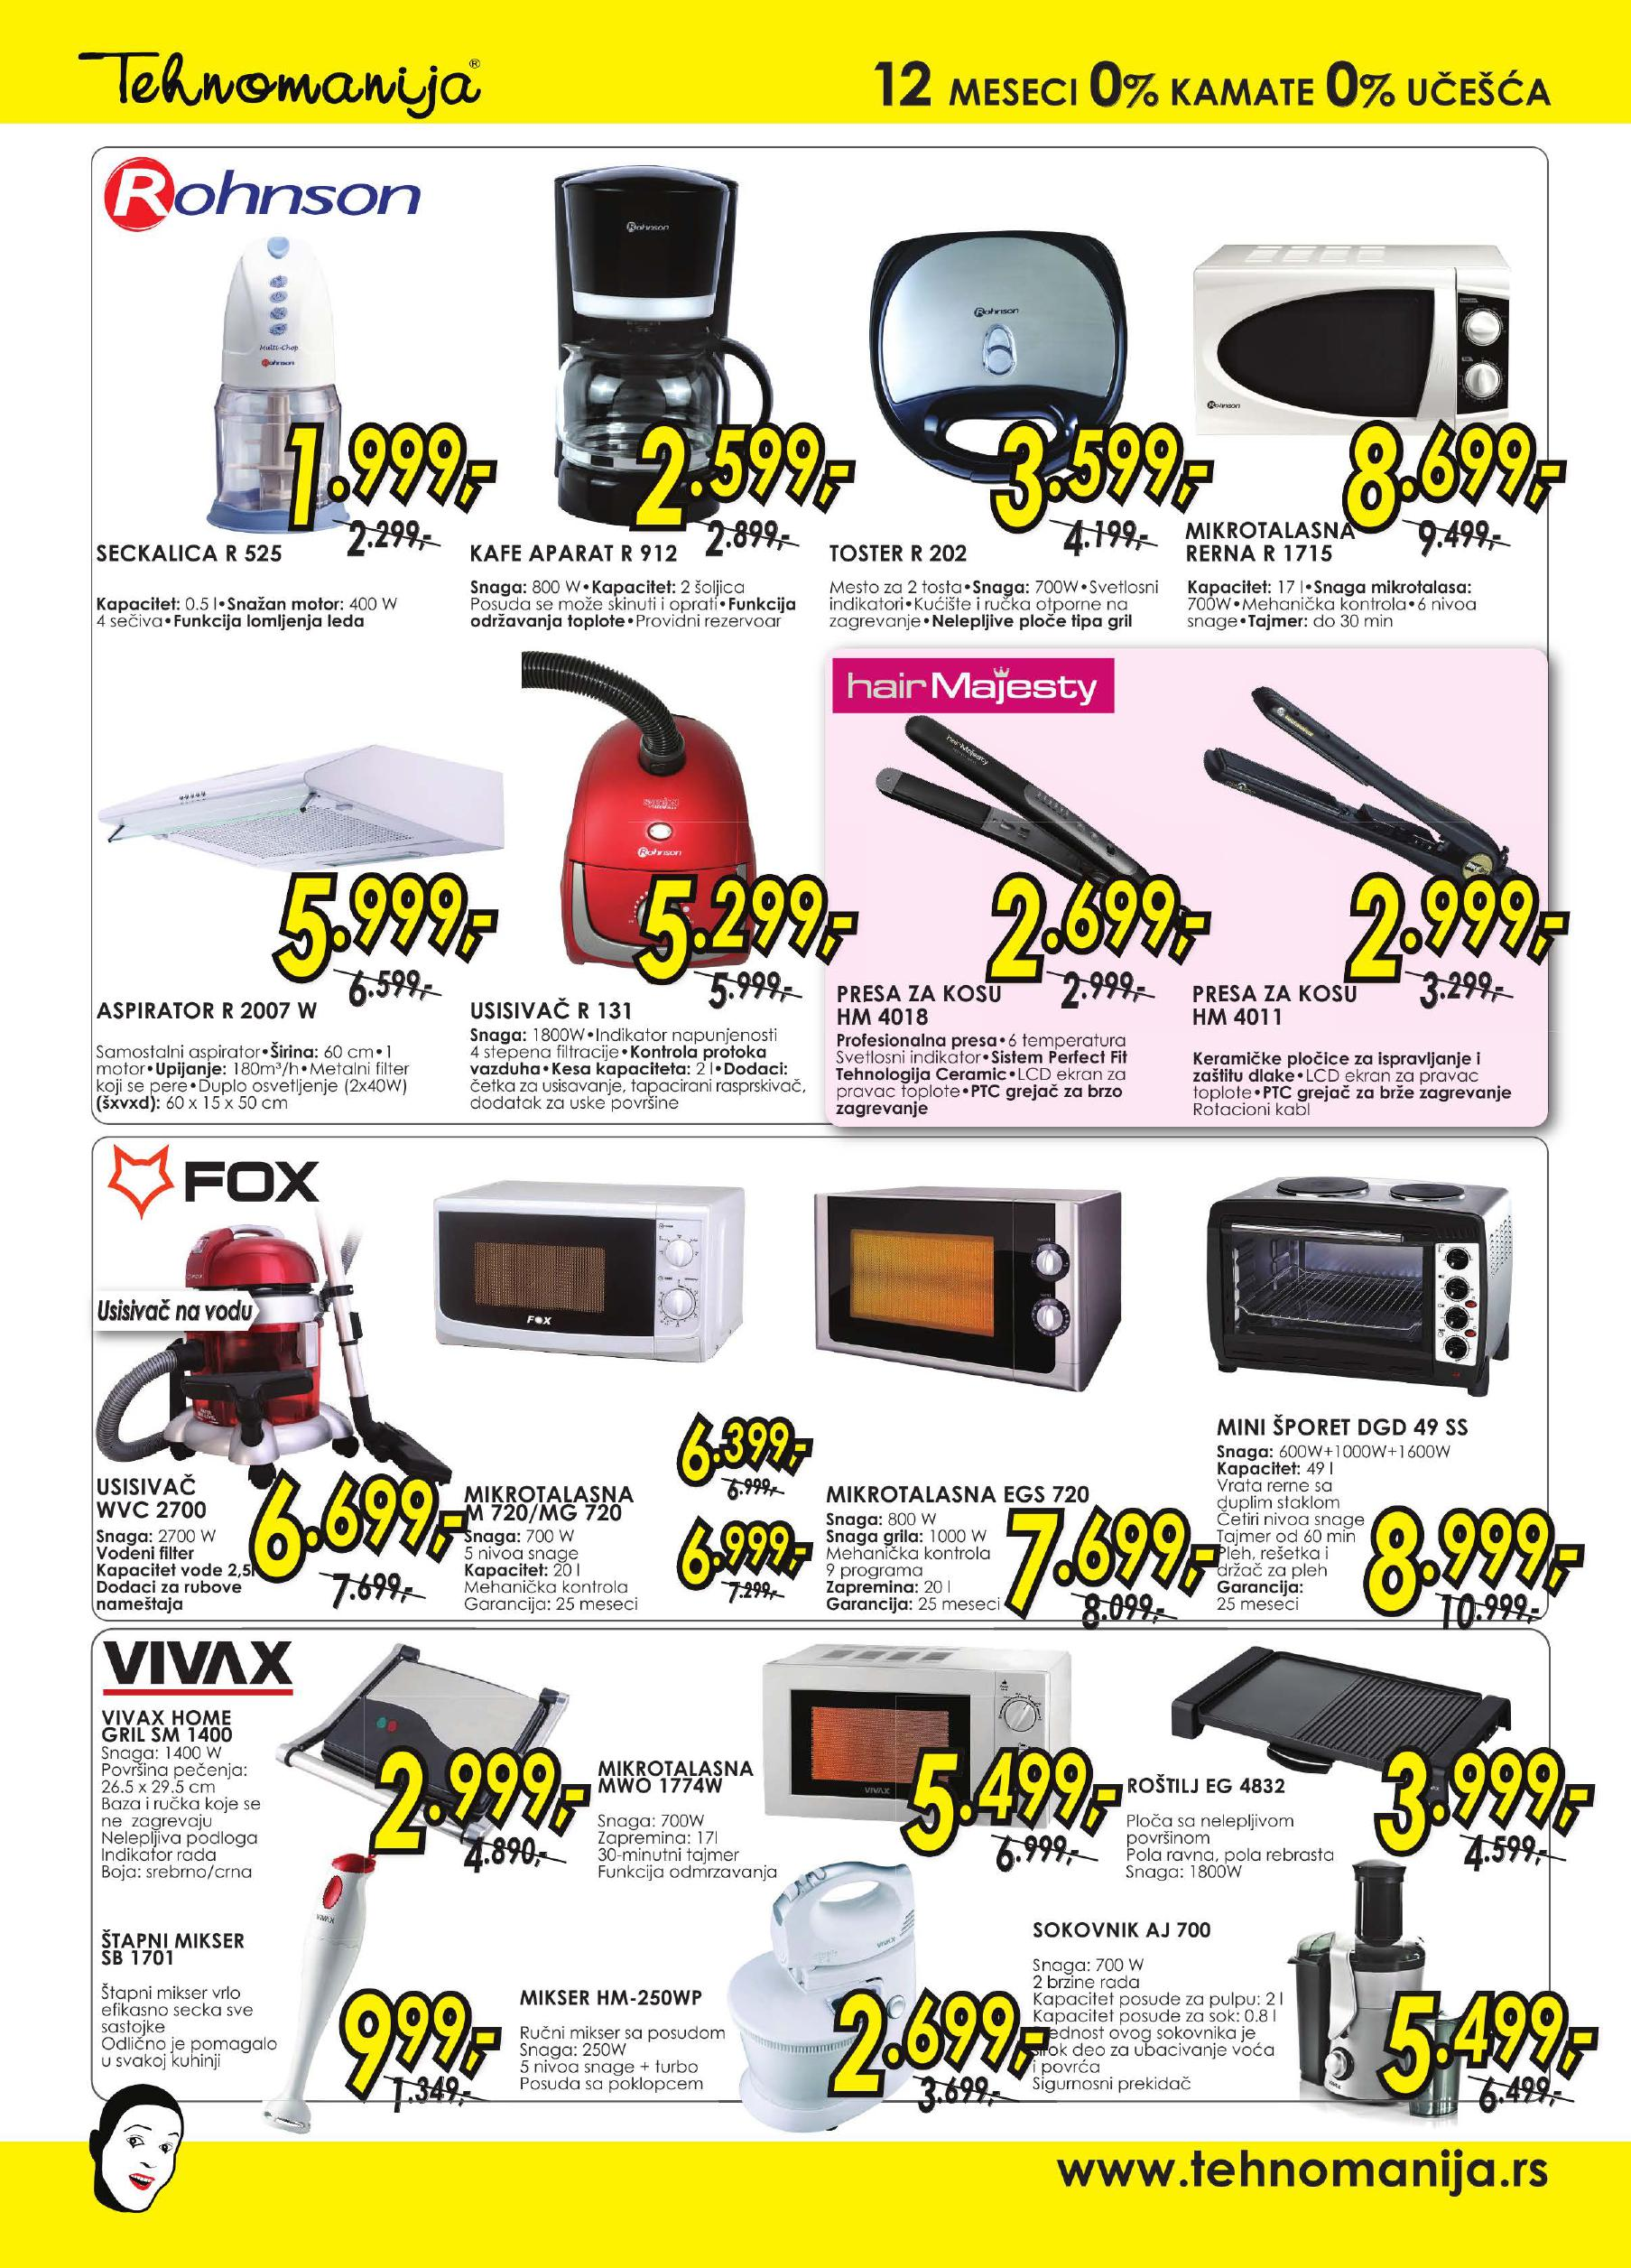 Tehnomanija katalog mali kućni aparati